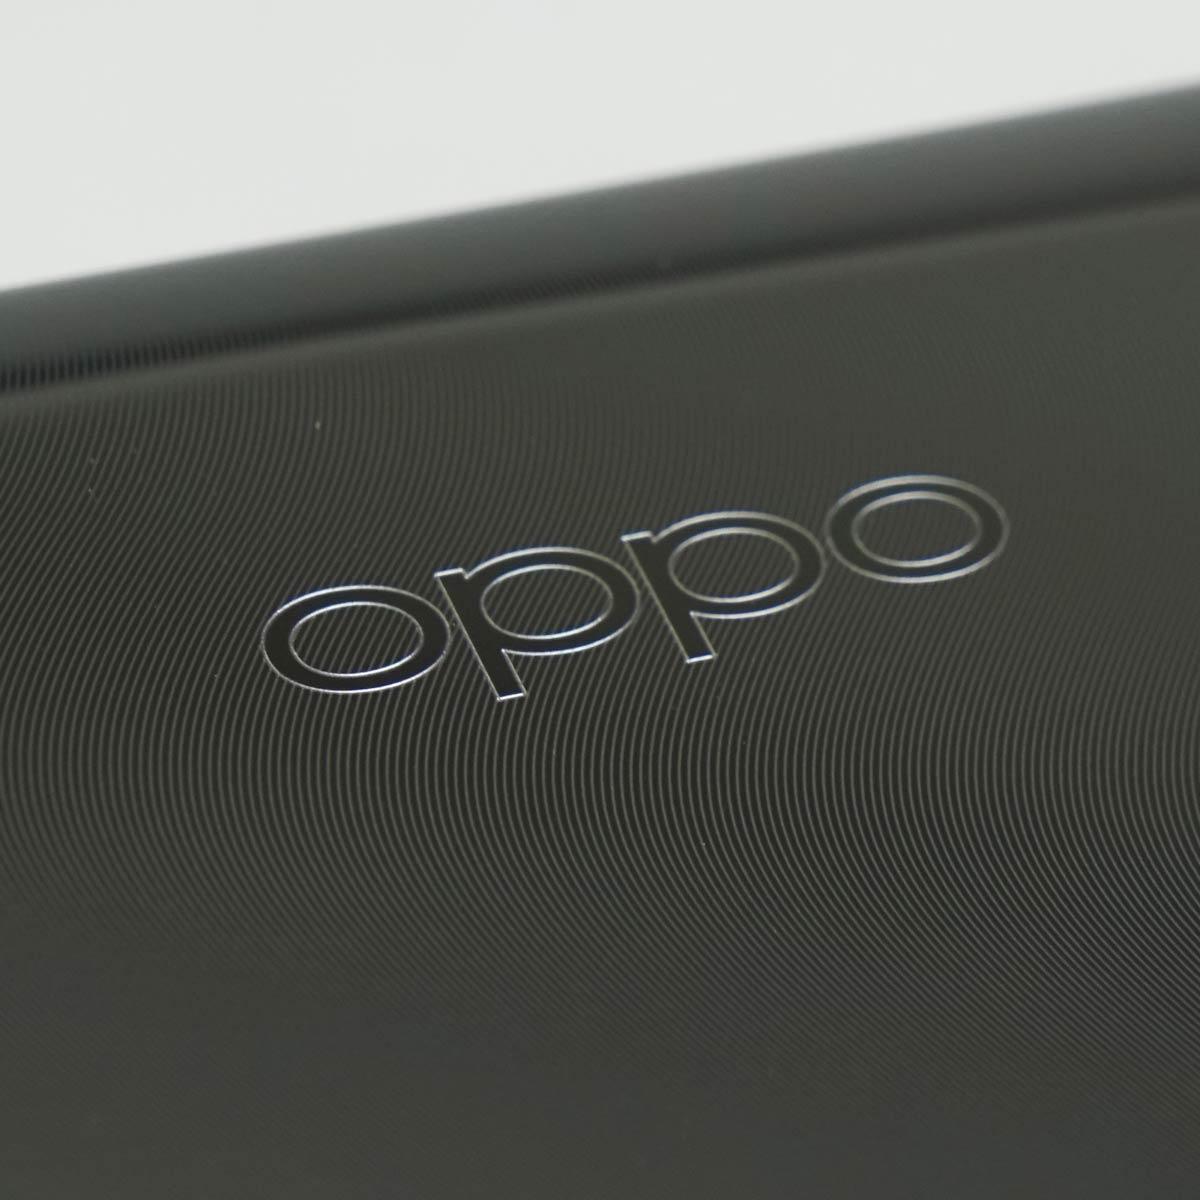 コンデジを越えた!? 10倍ズームのカメラが特徴の5Gスマホ「OPPO Find X2 Pro OPG01」レビュー